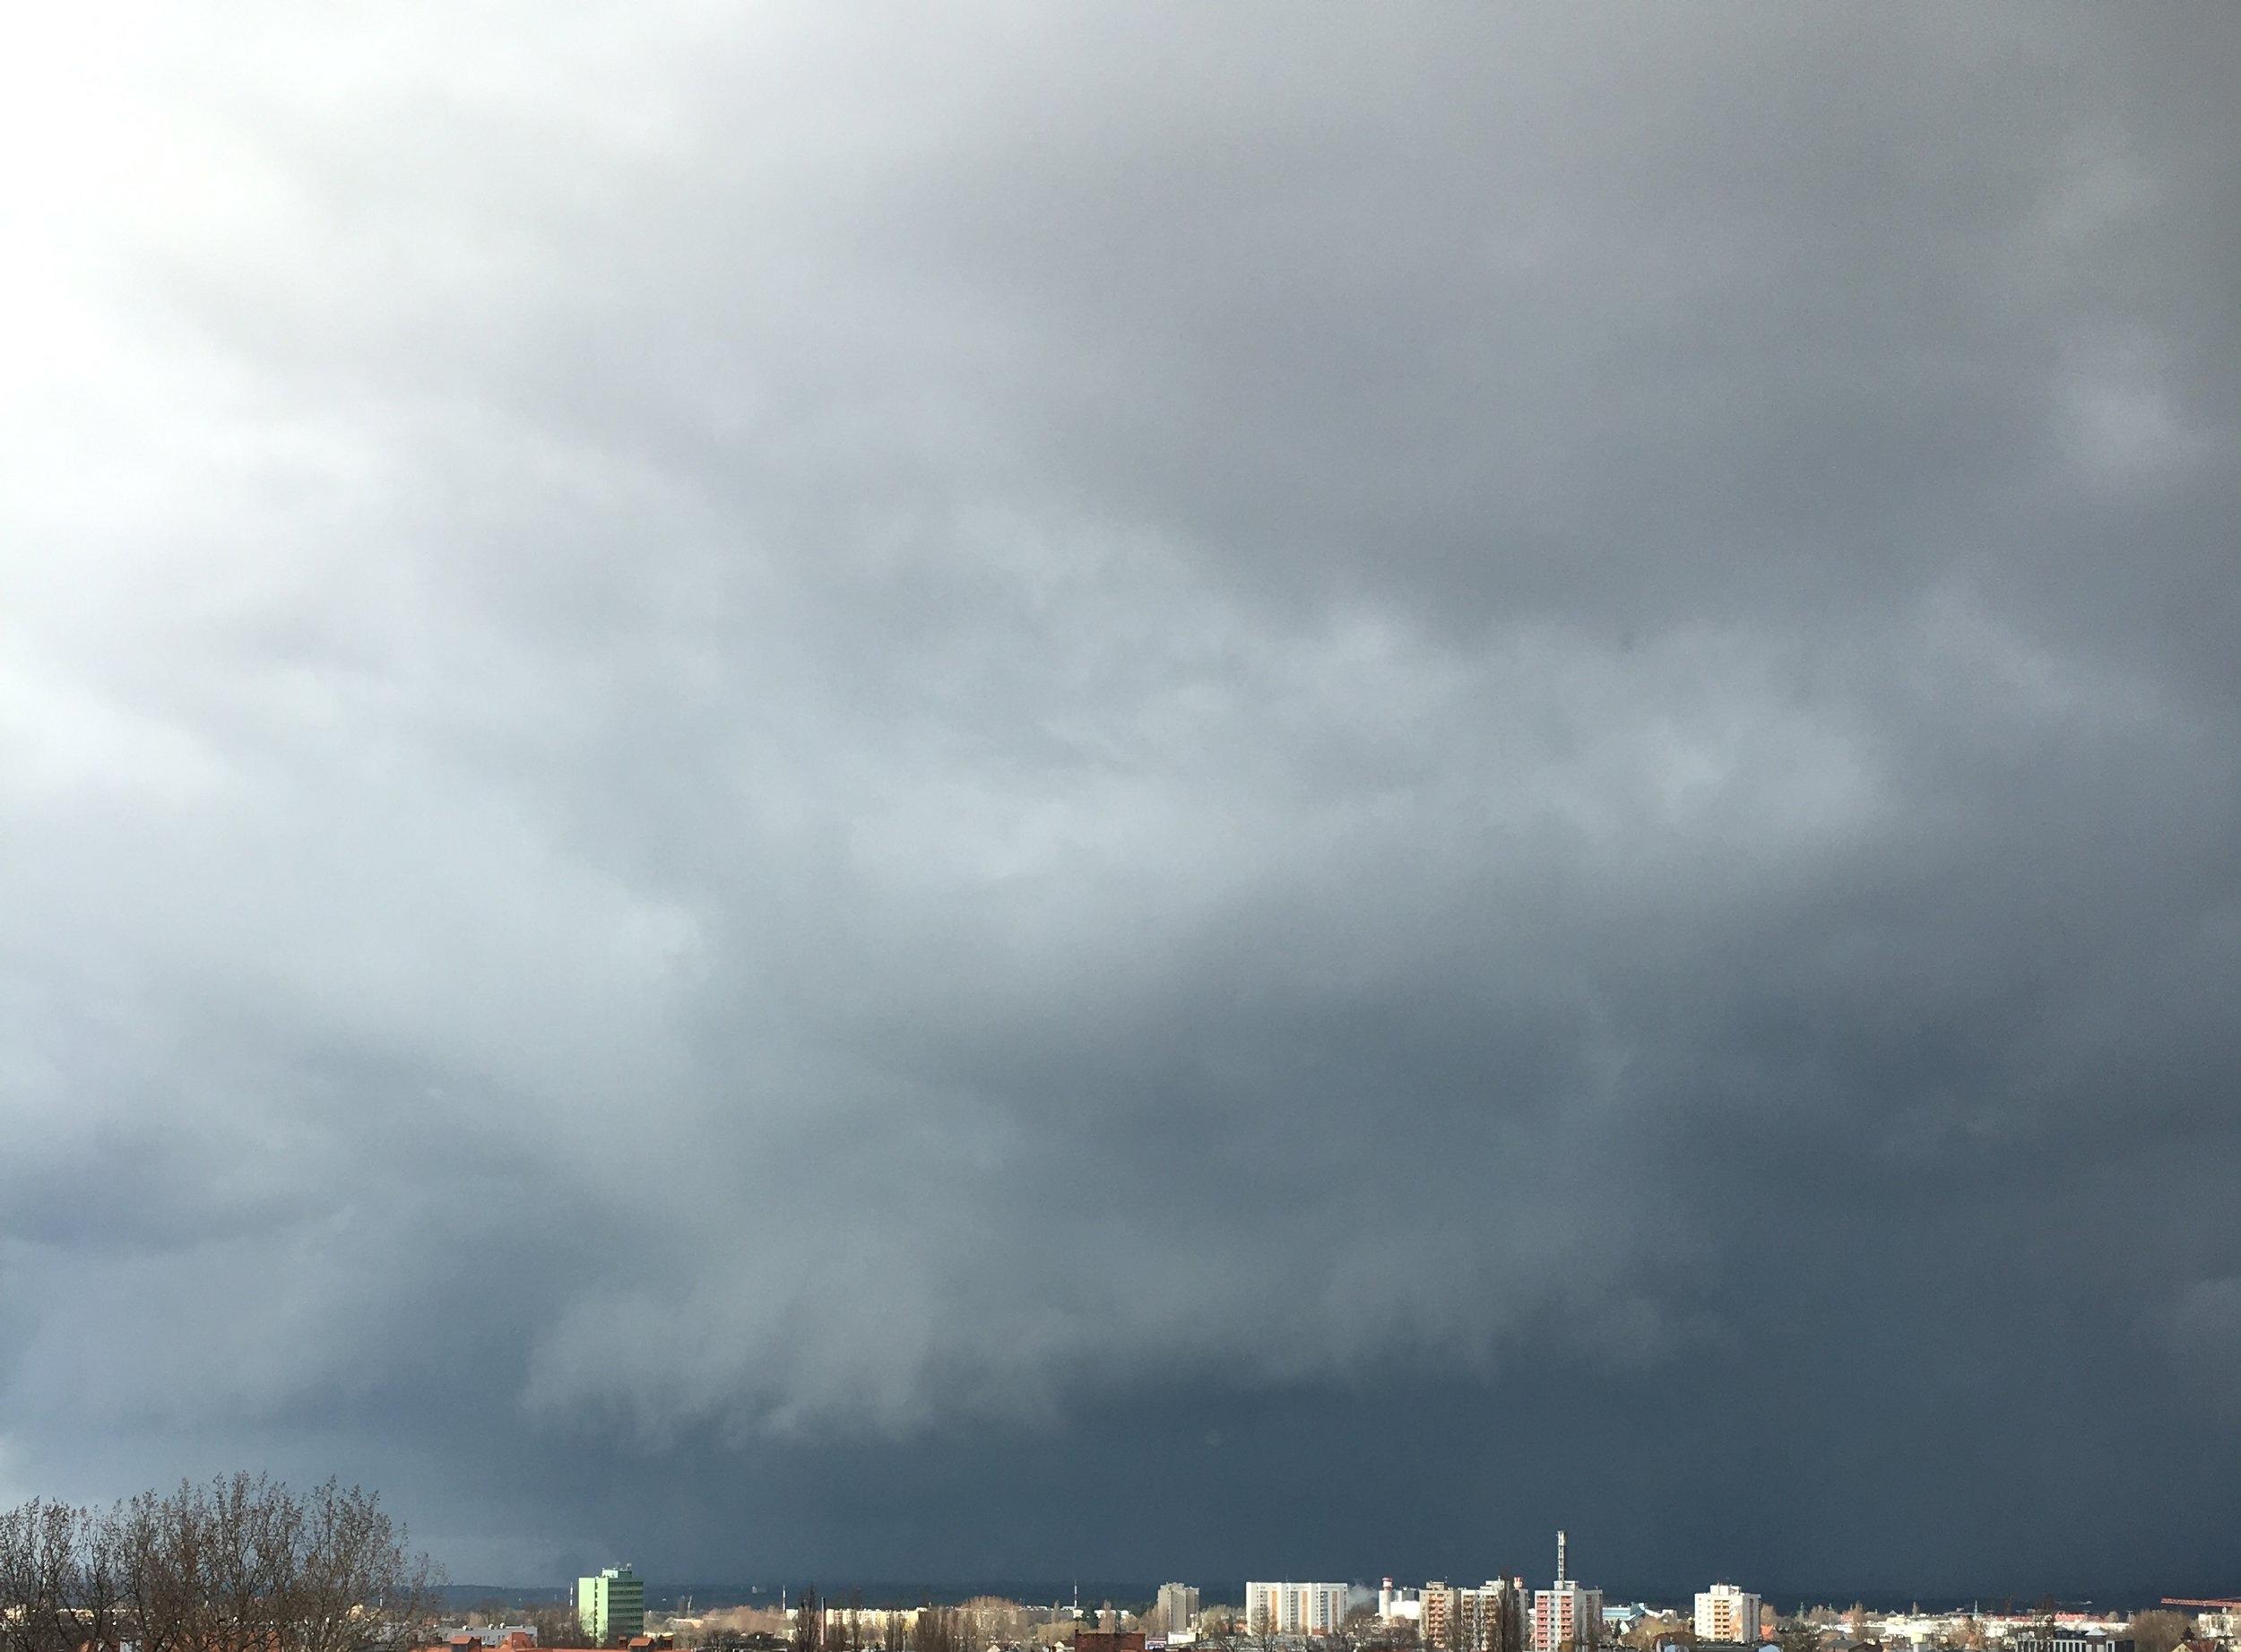 Burza. Zazwyczaj nadchodzi z lewej strony, szerokim łukiem omija miasto i zostawia nas bez kropli deszczu